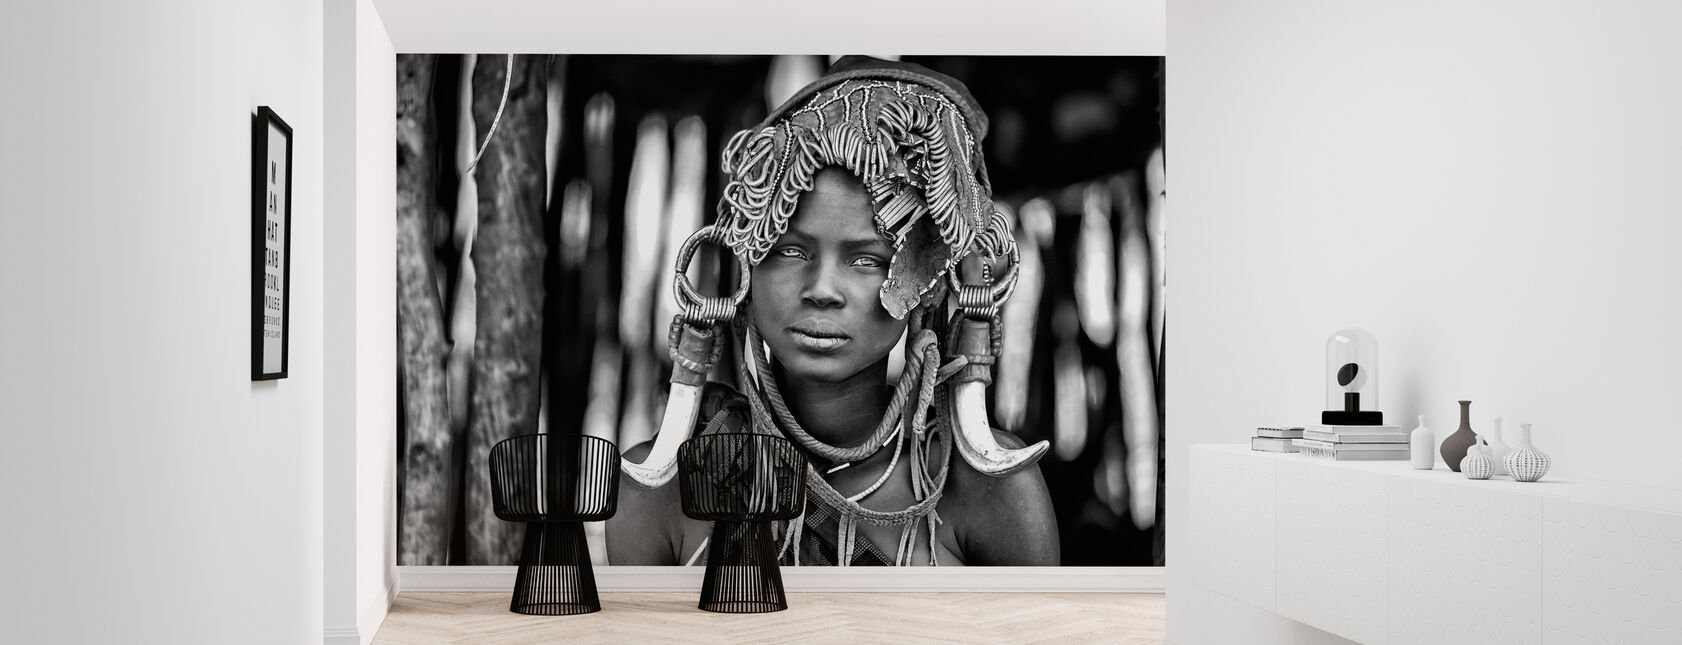 Mursi, negra y blanca - Papel pintado - Corredor